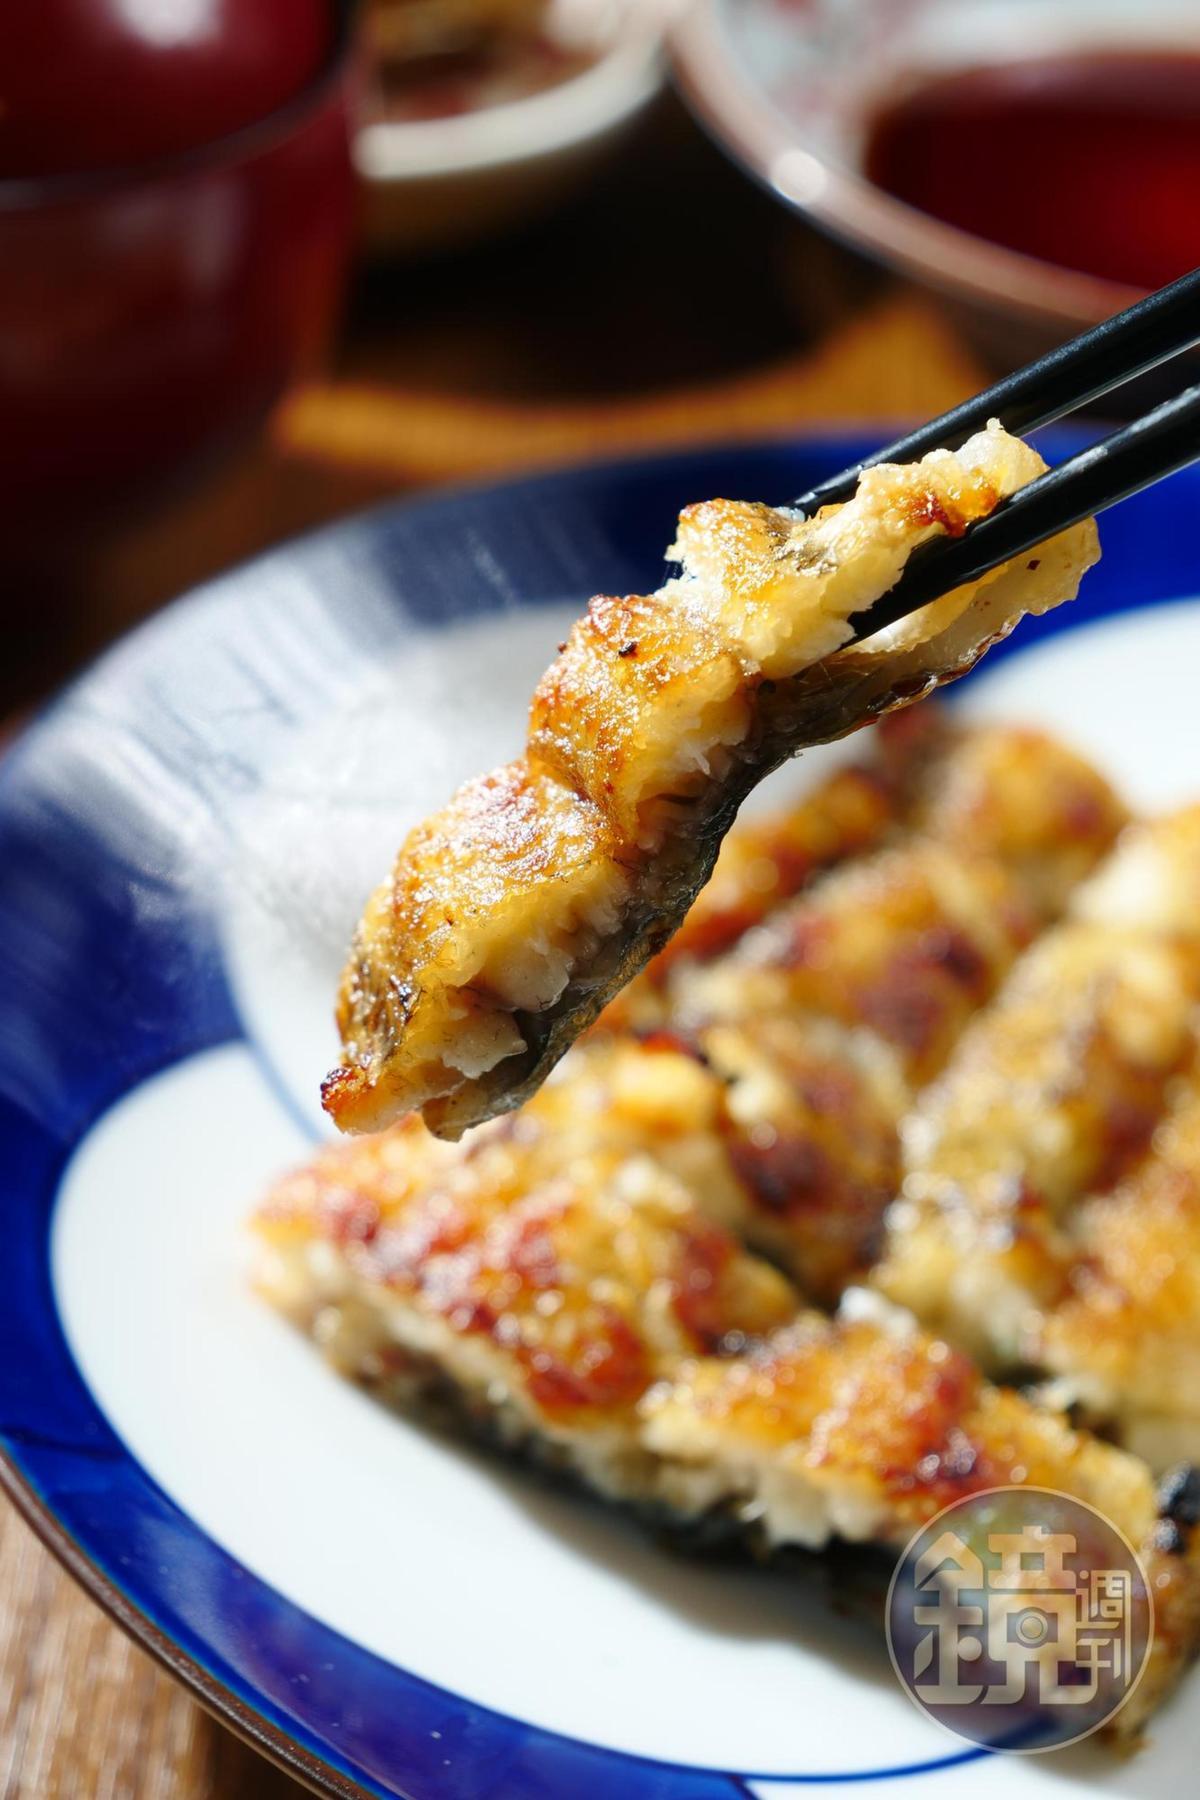 不愛加醬的,也可以點份「白燒」來嚐嚐原味。(售價待補/6切)